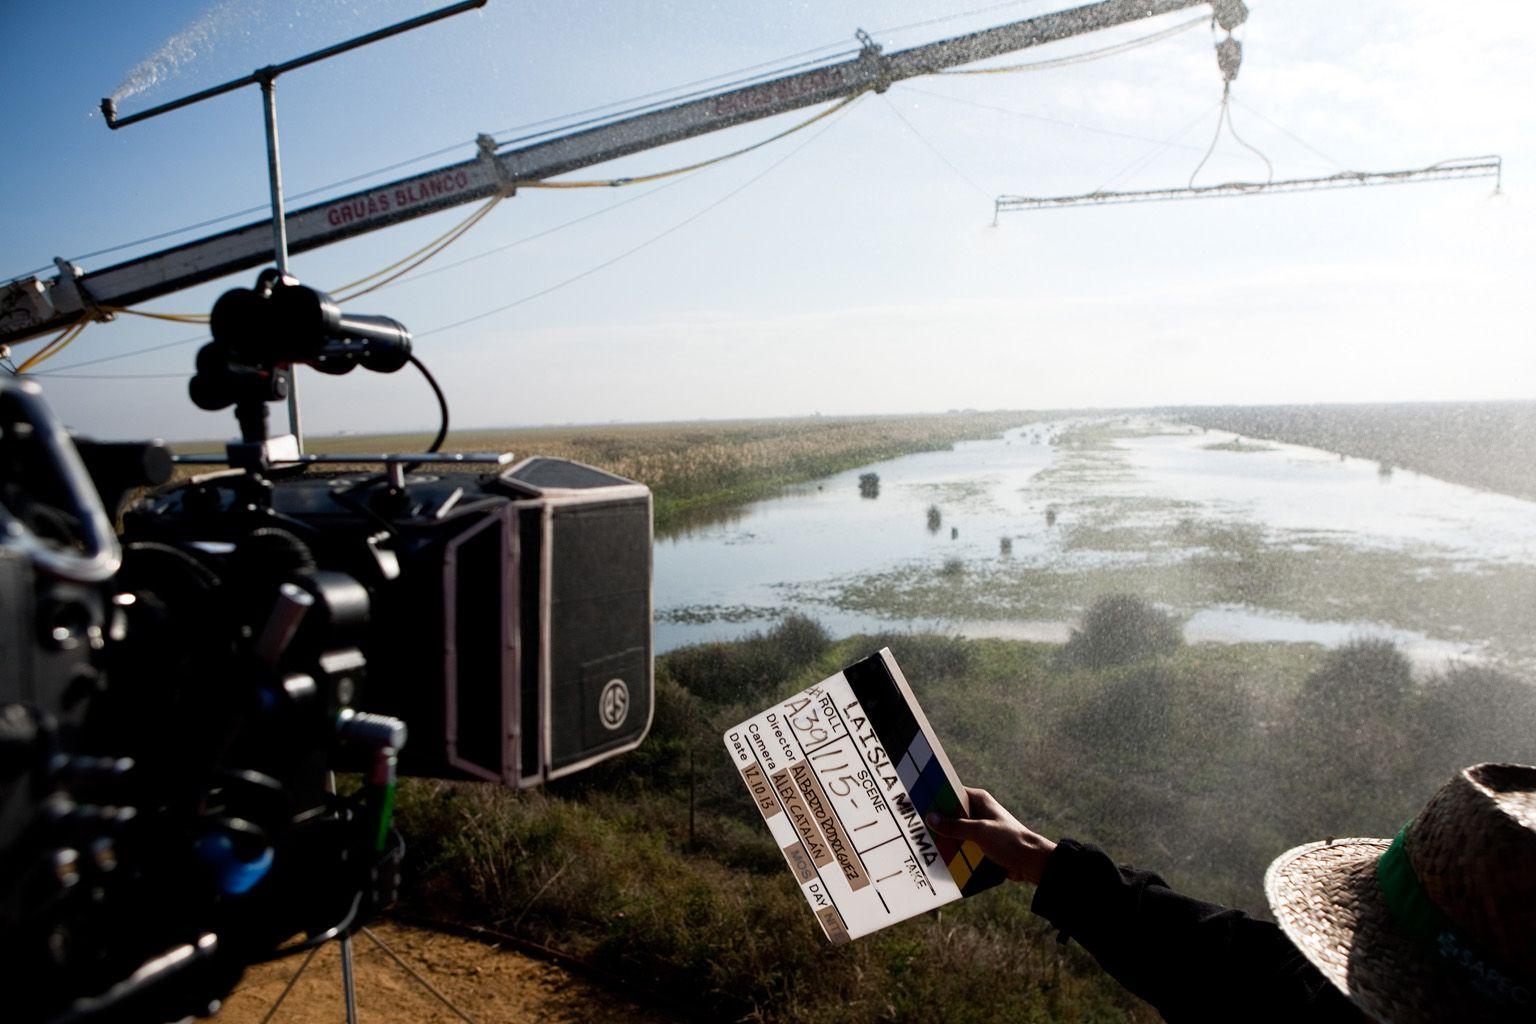 En el rodaje de La Isla Mínima. Una película de Alberto Rodríguez con Raúl Arévalo, Javier Gutiérrez, Antonio de la Torre, Nerea Barros.